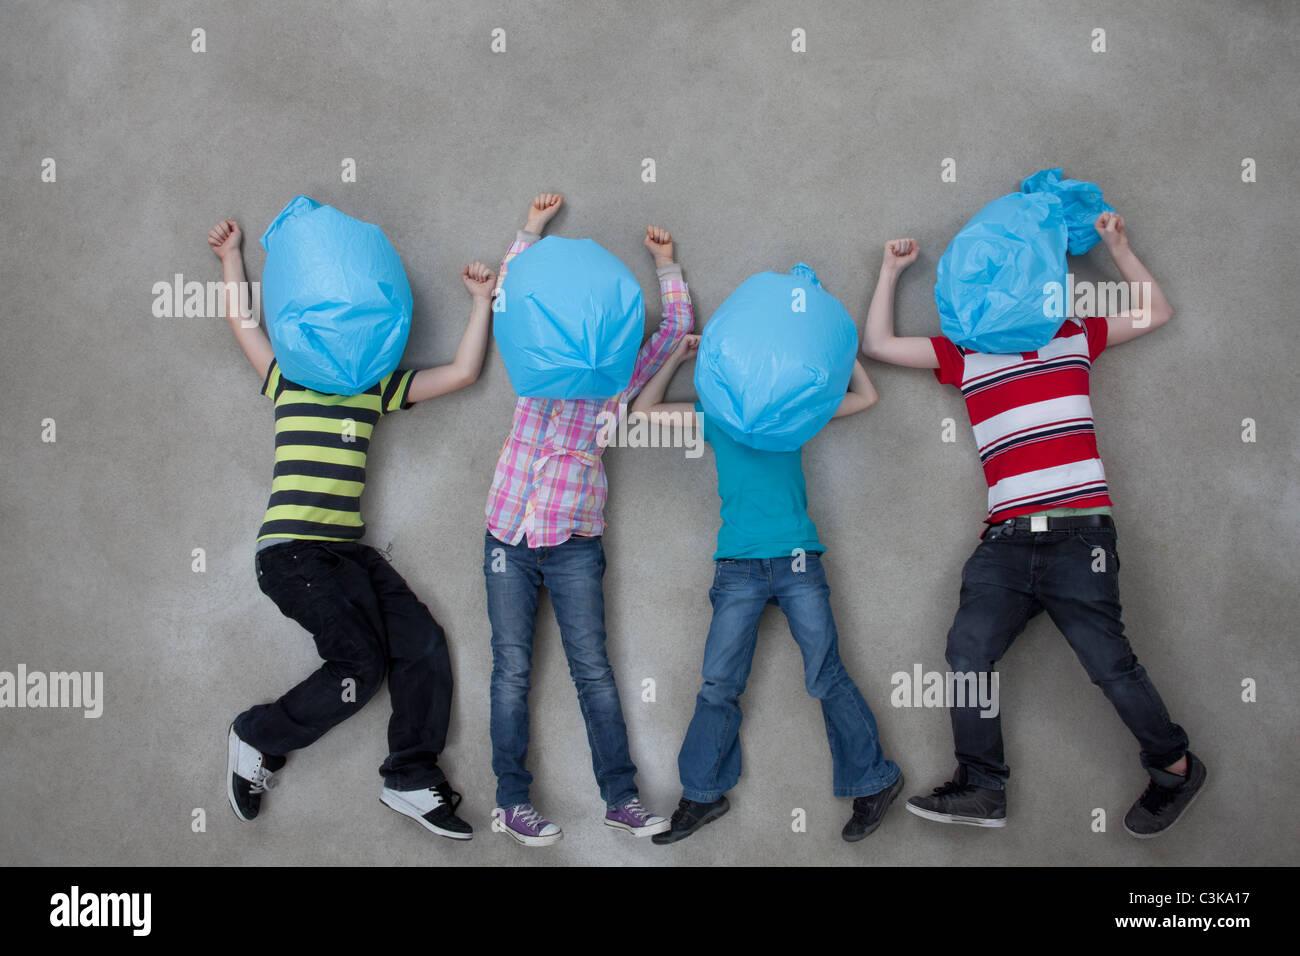 Leute für ihre Gesichter mit Plastiktüten und Ökologie Symbol zeigt Stockbild